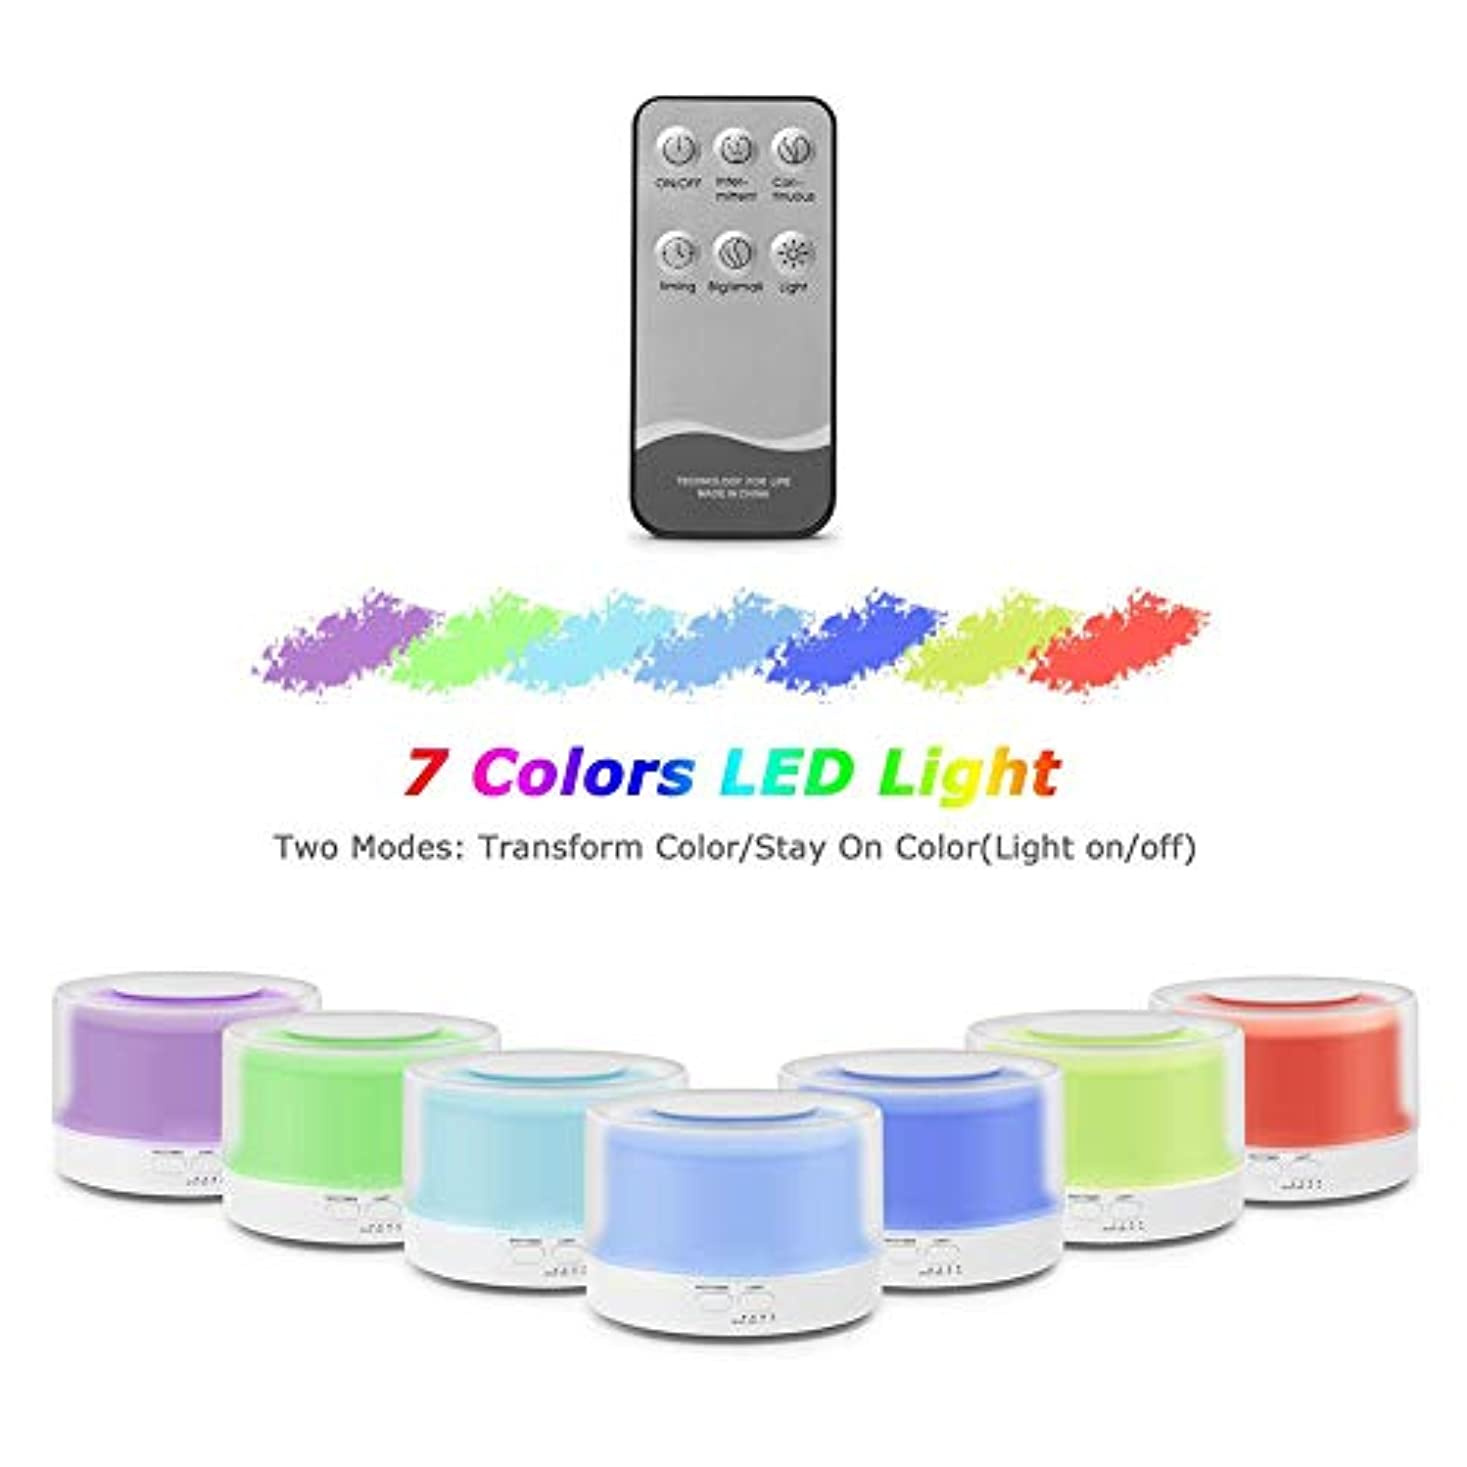 不快交換可能青加湿器 アロマディフューザー 卓上加湿器 アロマ 700ml 7色LEDライト変換 間接照明 空焚き防止 お部屋/オフィス/温泉など適用 誕生日プレゼント